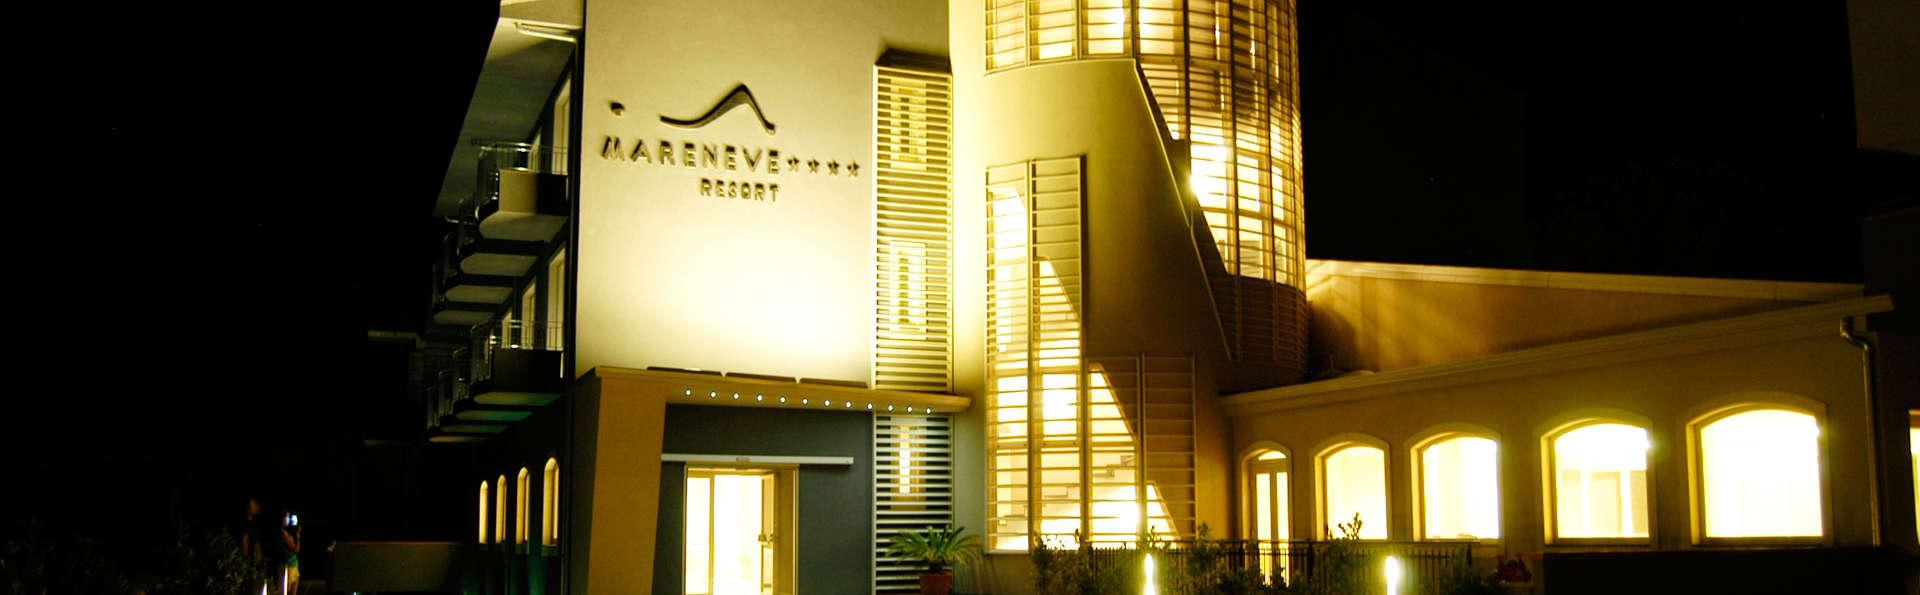 Mareneve Resort - EDIT_FRONT.jpg